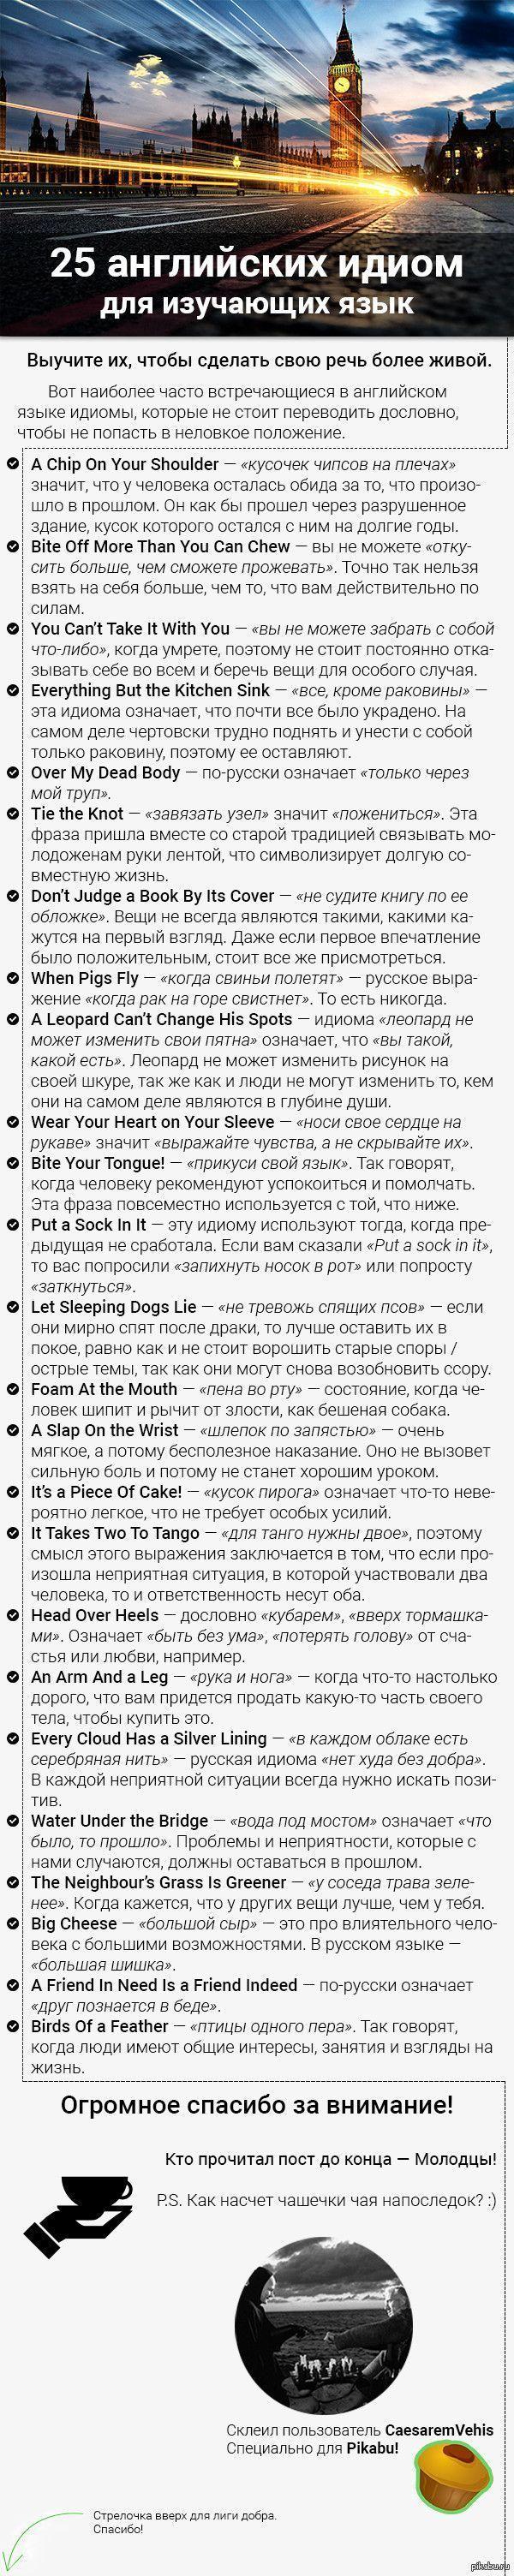 25 английских идиом для изучающих язык Эти фразы надо знать всем, кто хочет подтянуть свой разговорный английский и понимать, о чем идет речь в разговоре, фильмах или книгах.  ADME, Английский язык, идиомы, длиннопост /\ Начать изучение: http://popularsale.ru/faststart3/?ref=80596&lnk=1442032 /\ Начать изучение: http://popularsale.ru/faststart3/?ref=80596&lnk=1442032 /\ Начать изучение: http://popularsale.ru/faststart3/?ref=80596&lnk=1442032